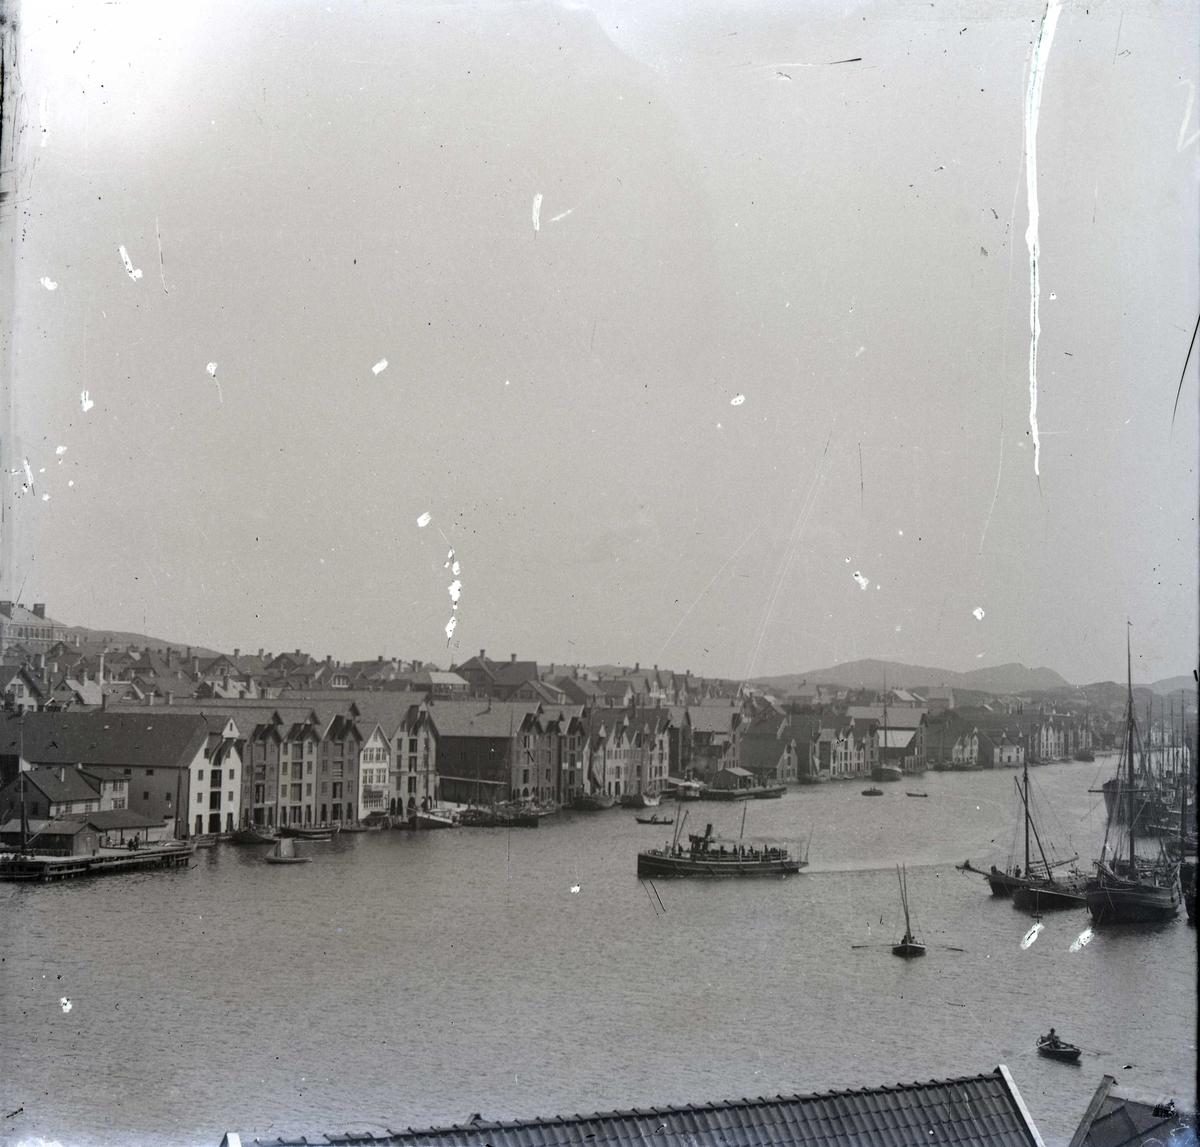 """Havn - sjøhus. Sjøhusrekken langs Smedasundet mellom """"Nore Kaien"""" og Vedalmenningen. Ruteskipet """"Avaldsnes"""" er på vei inn til Nordre kai."""